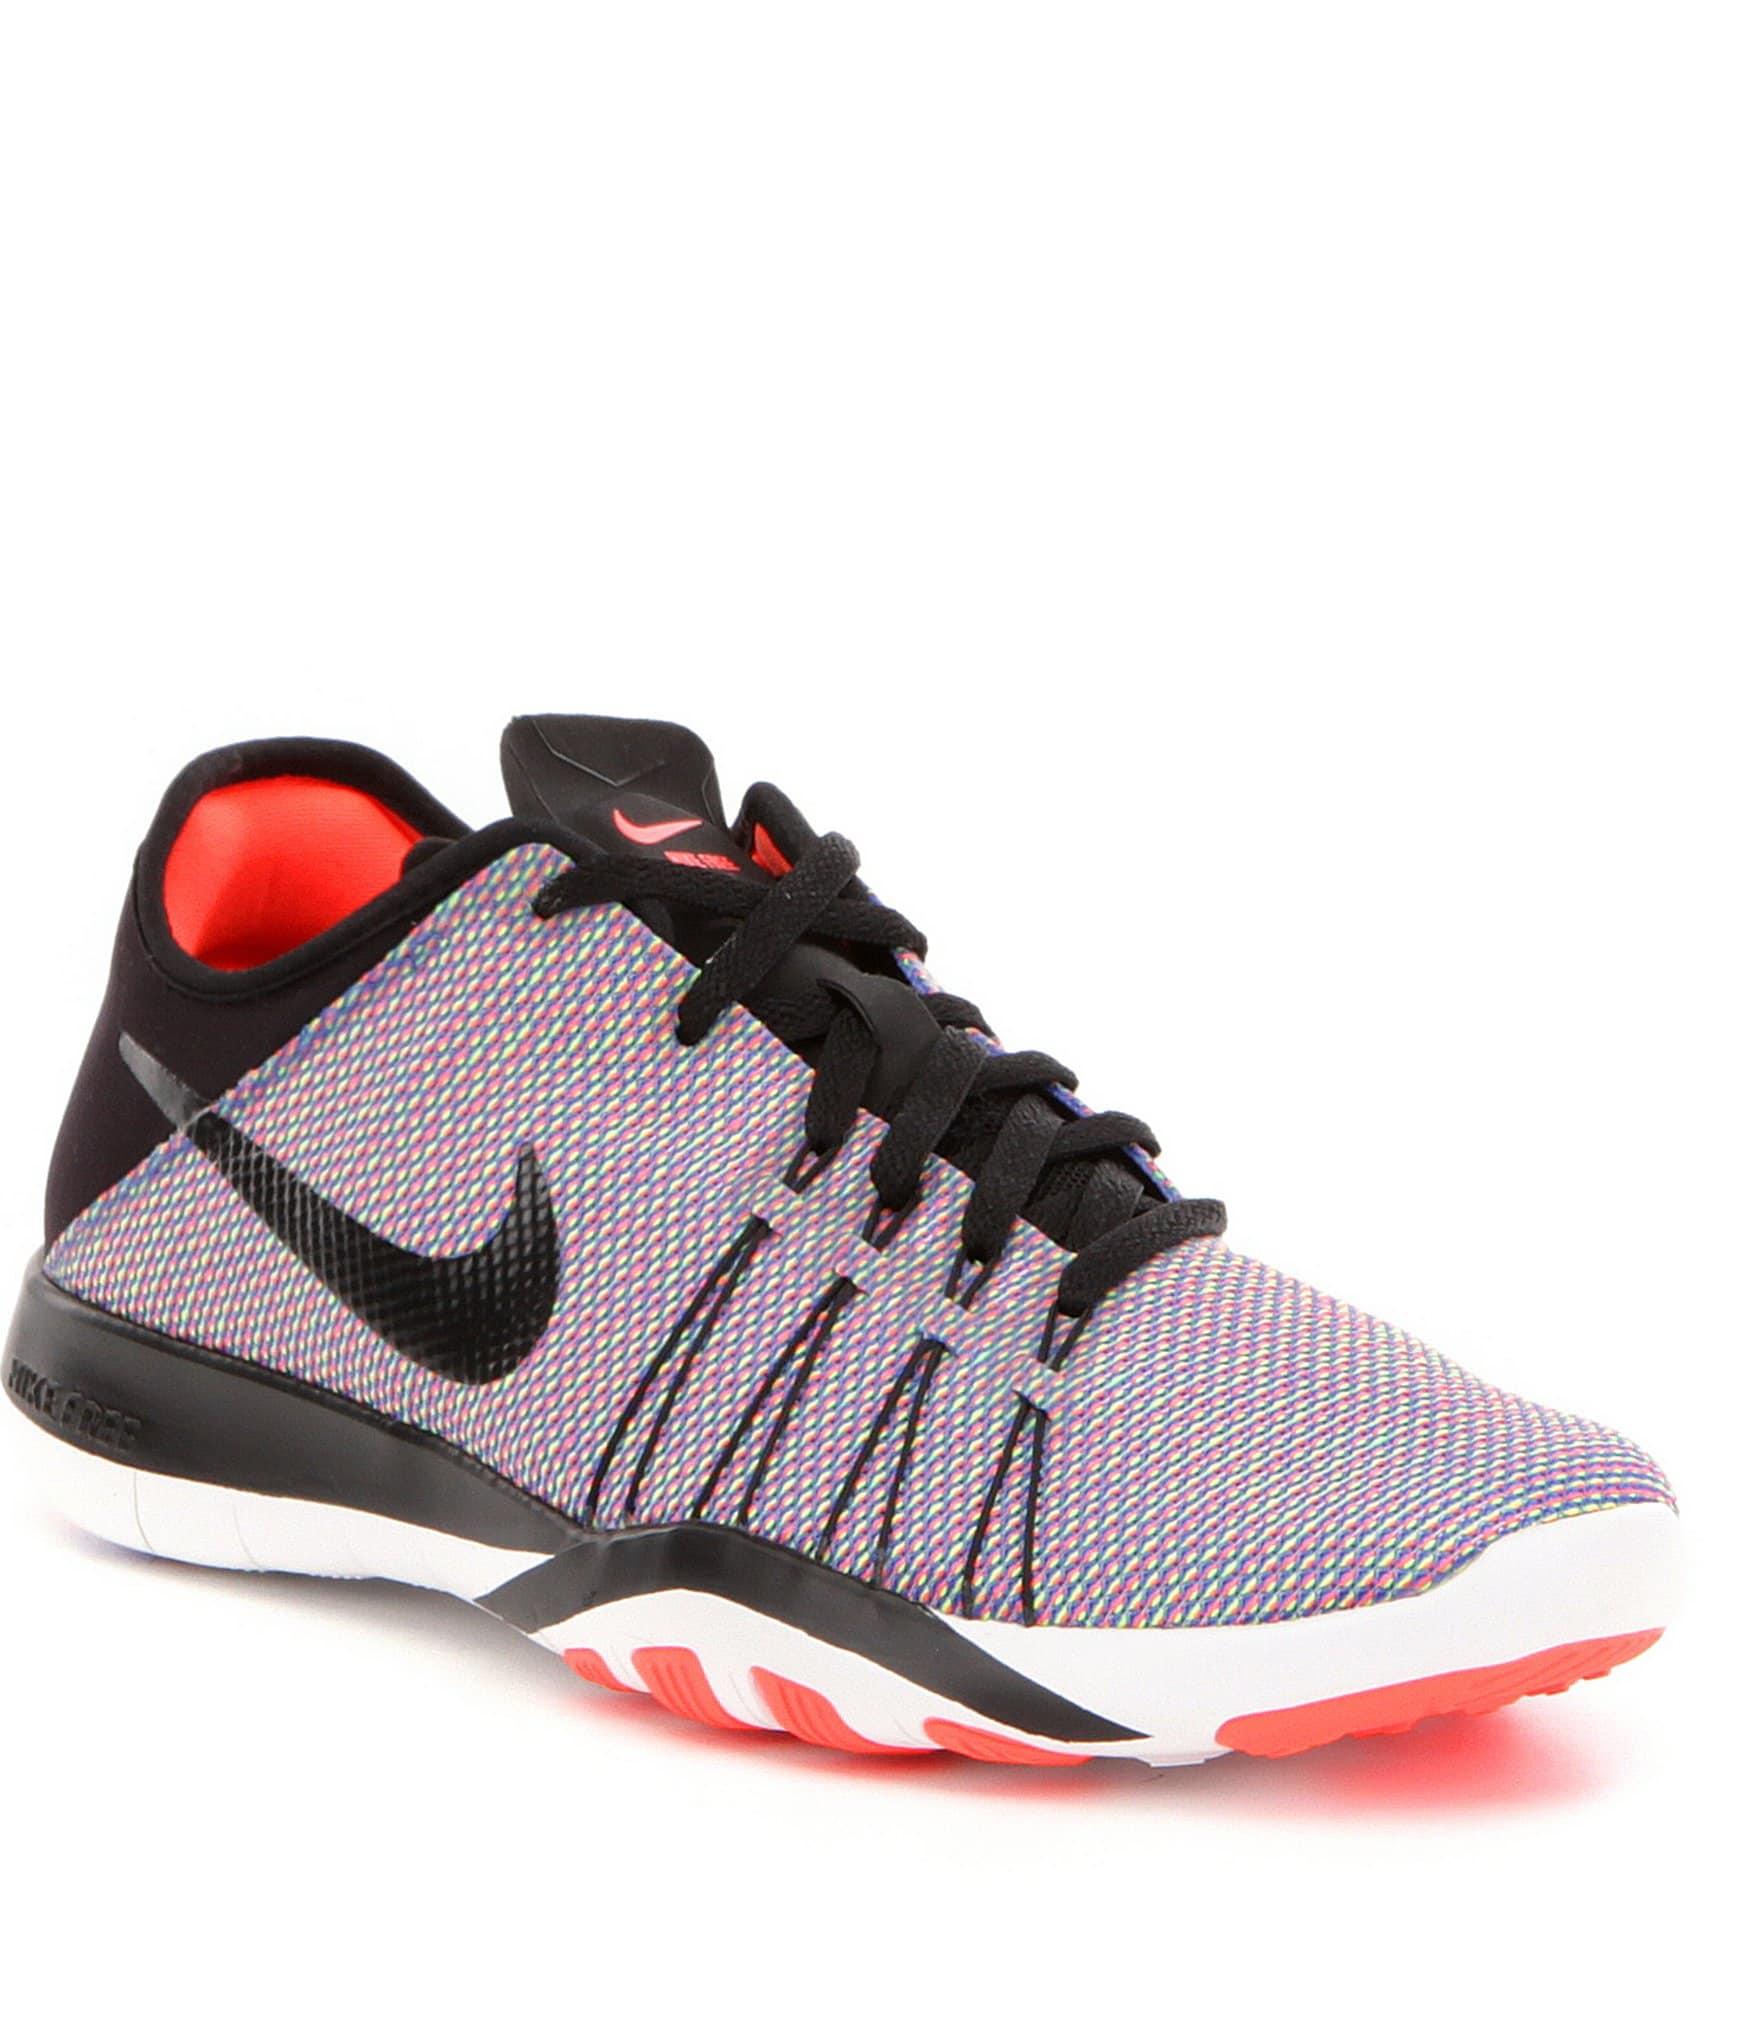 Nike Womens Shoes Dillards